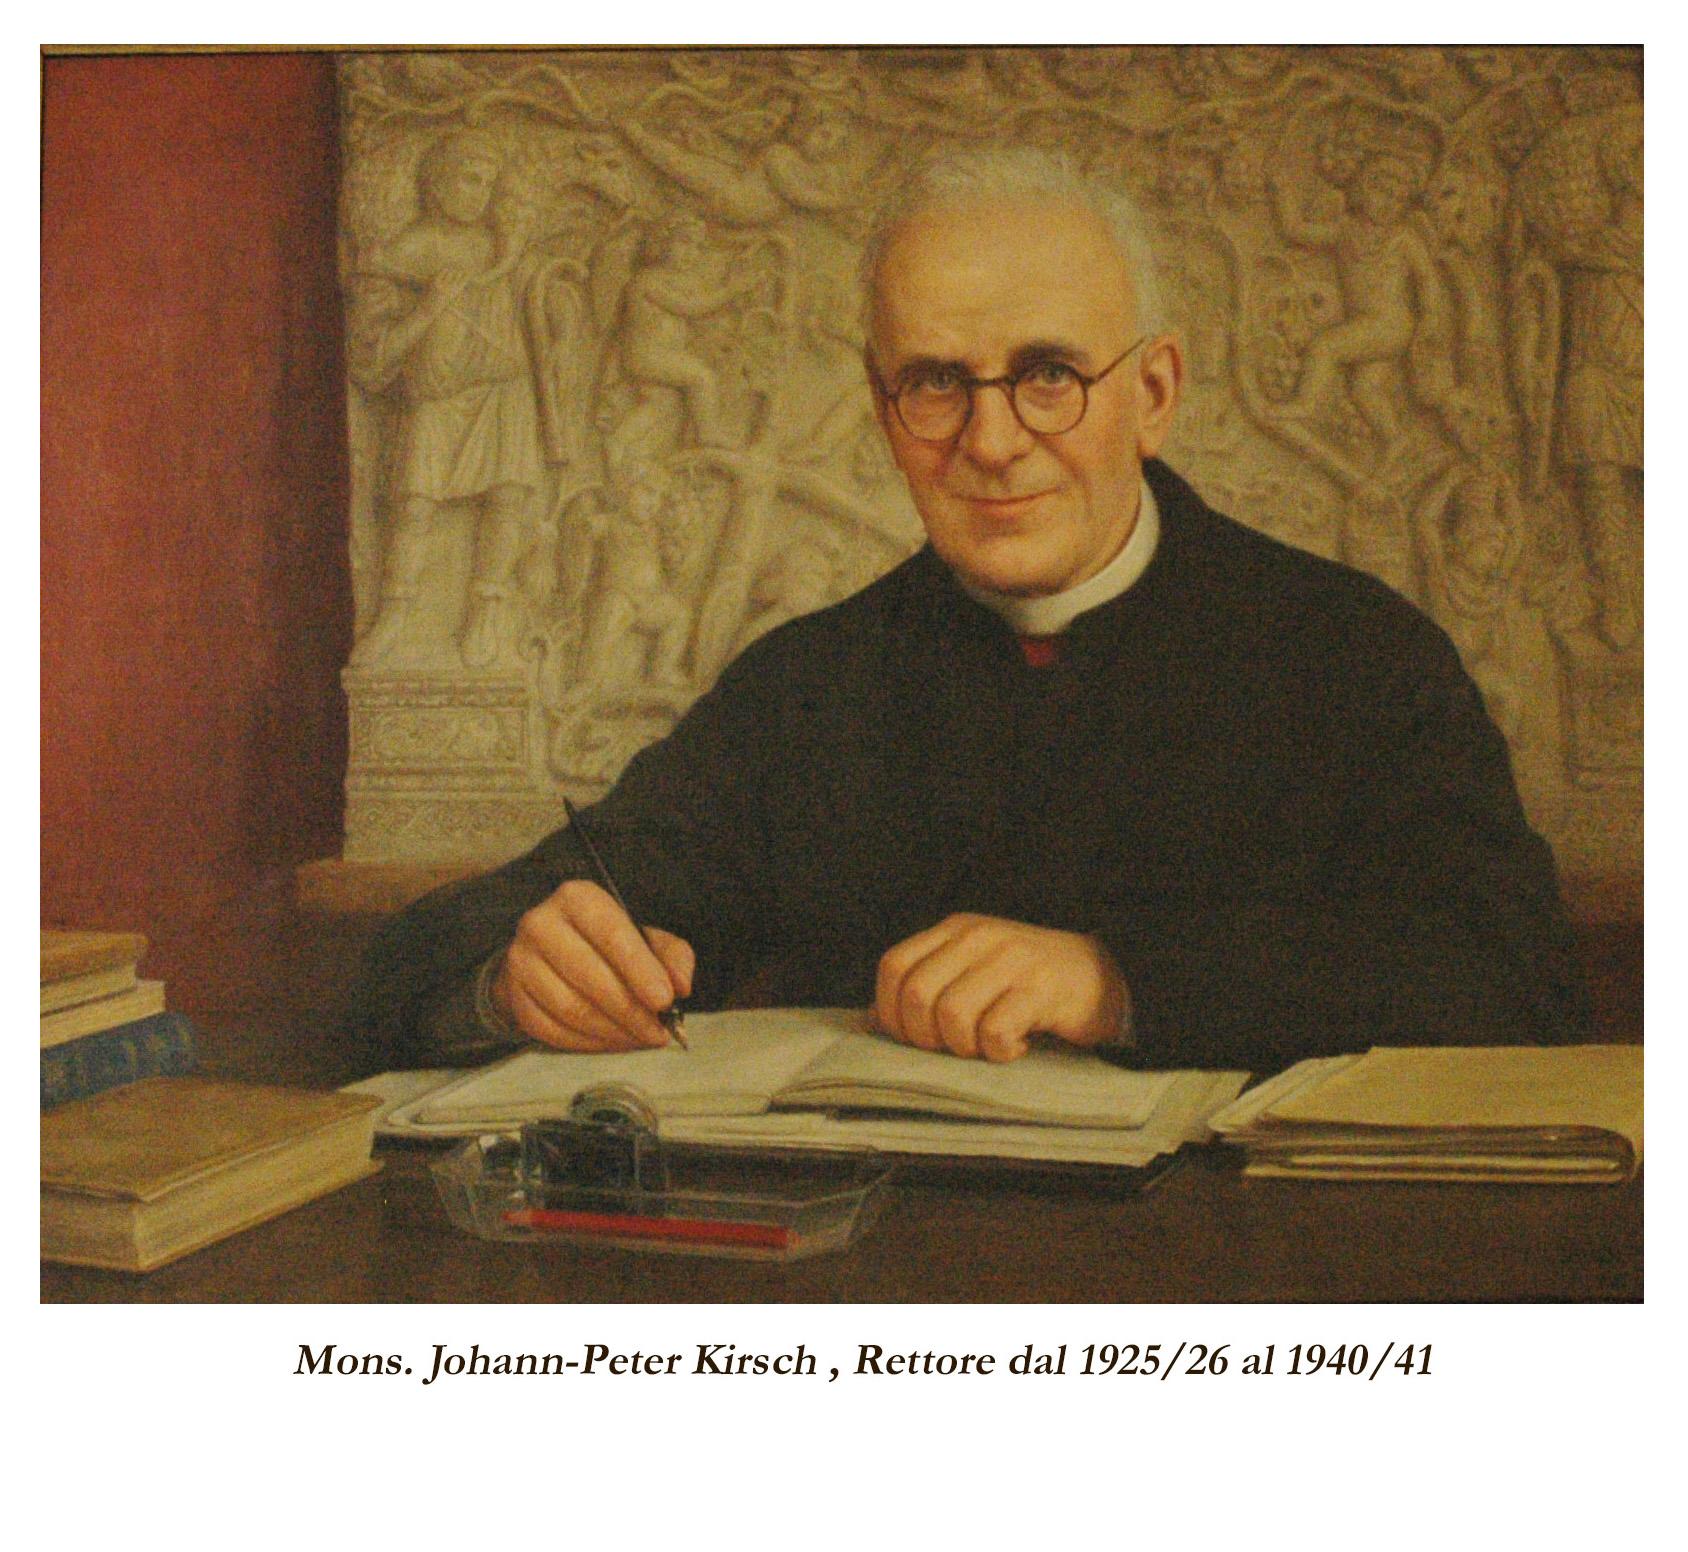 Monsignor Johann-Peter Kirsch, Rettore dal 1925/26 al 1940/41